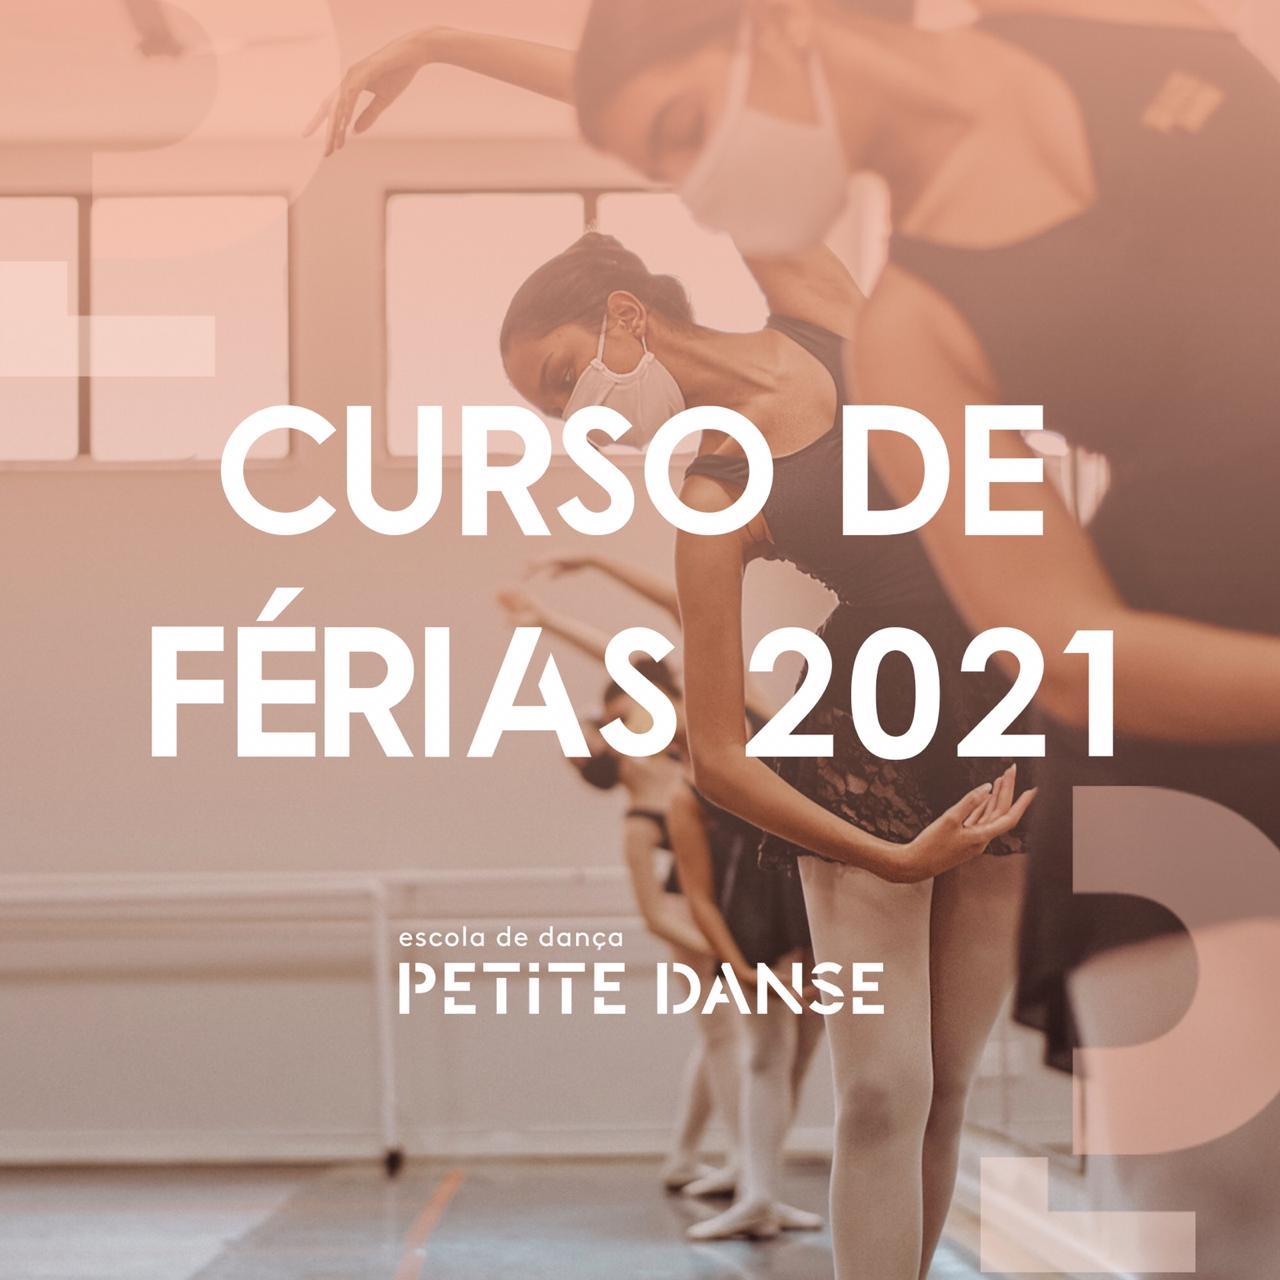 As férias chegaram e na Petite Danse haverá diversas aulas para você começar 2021 no ritmo